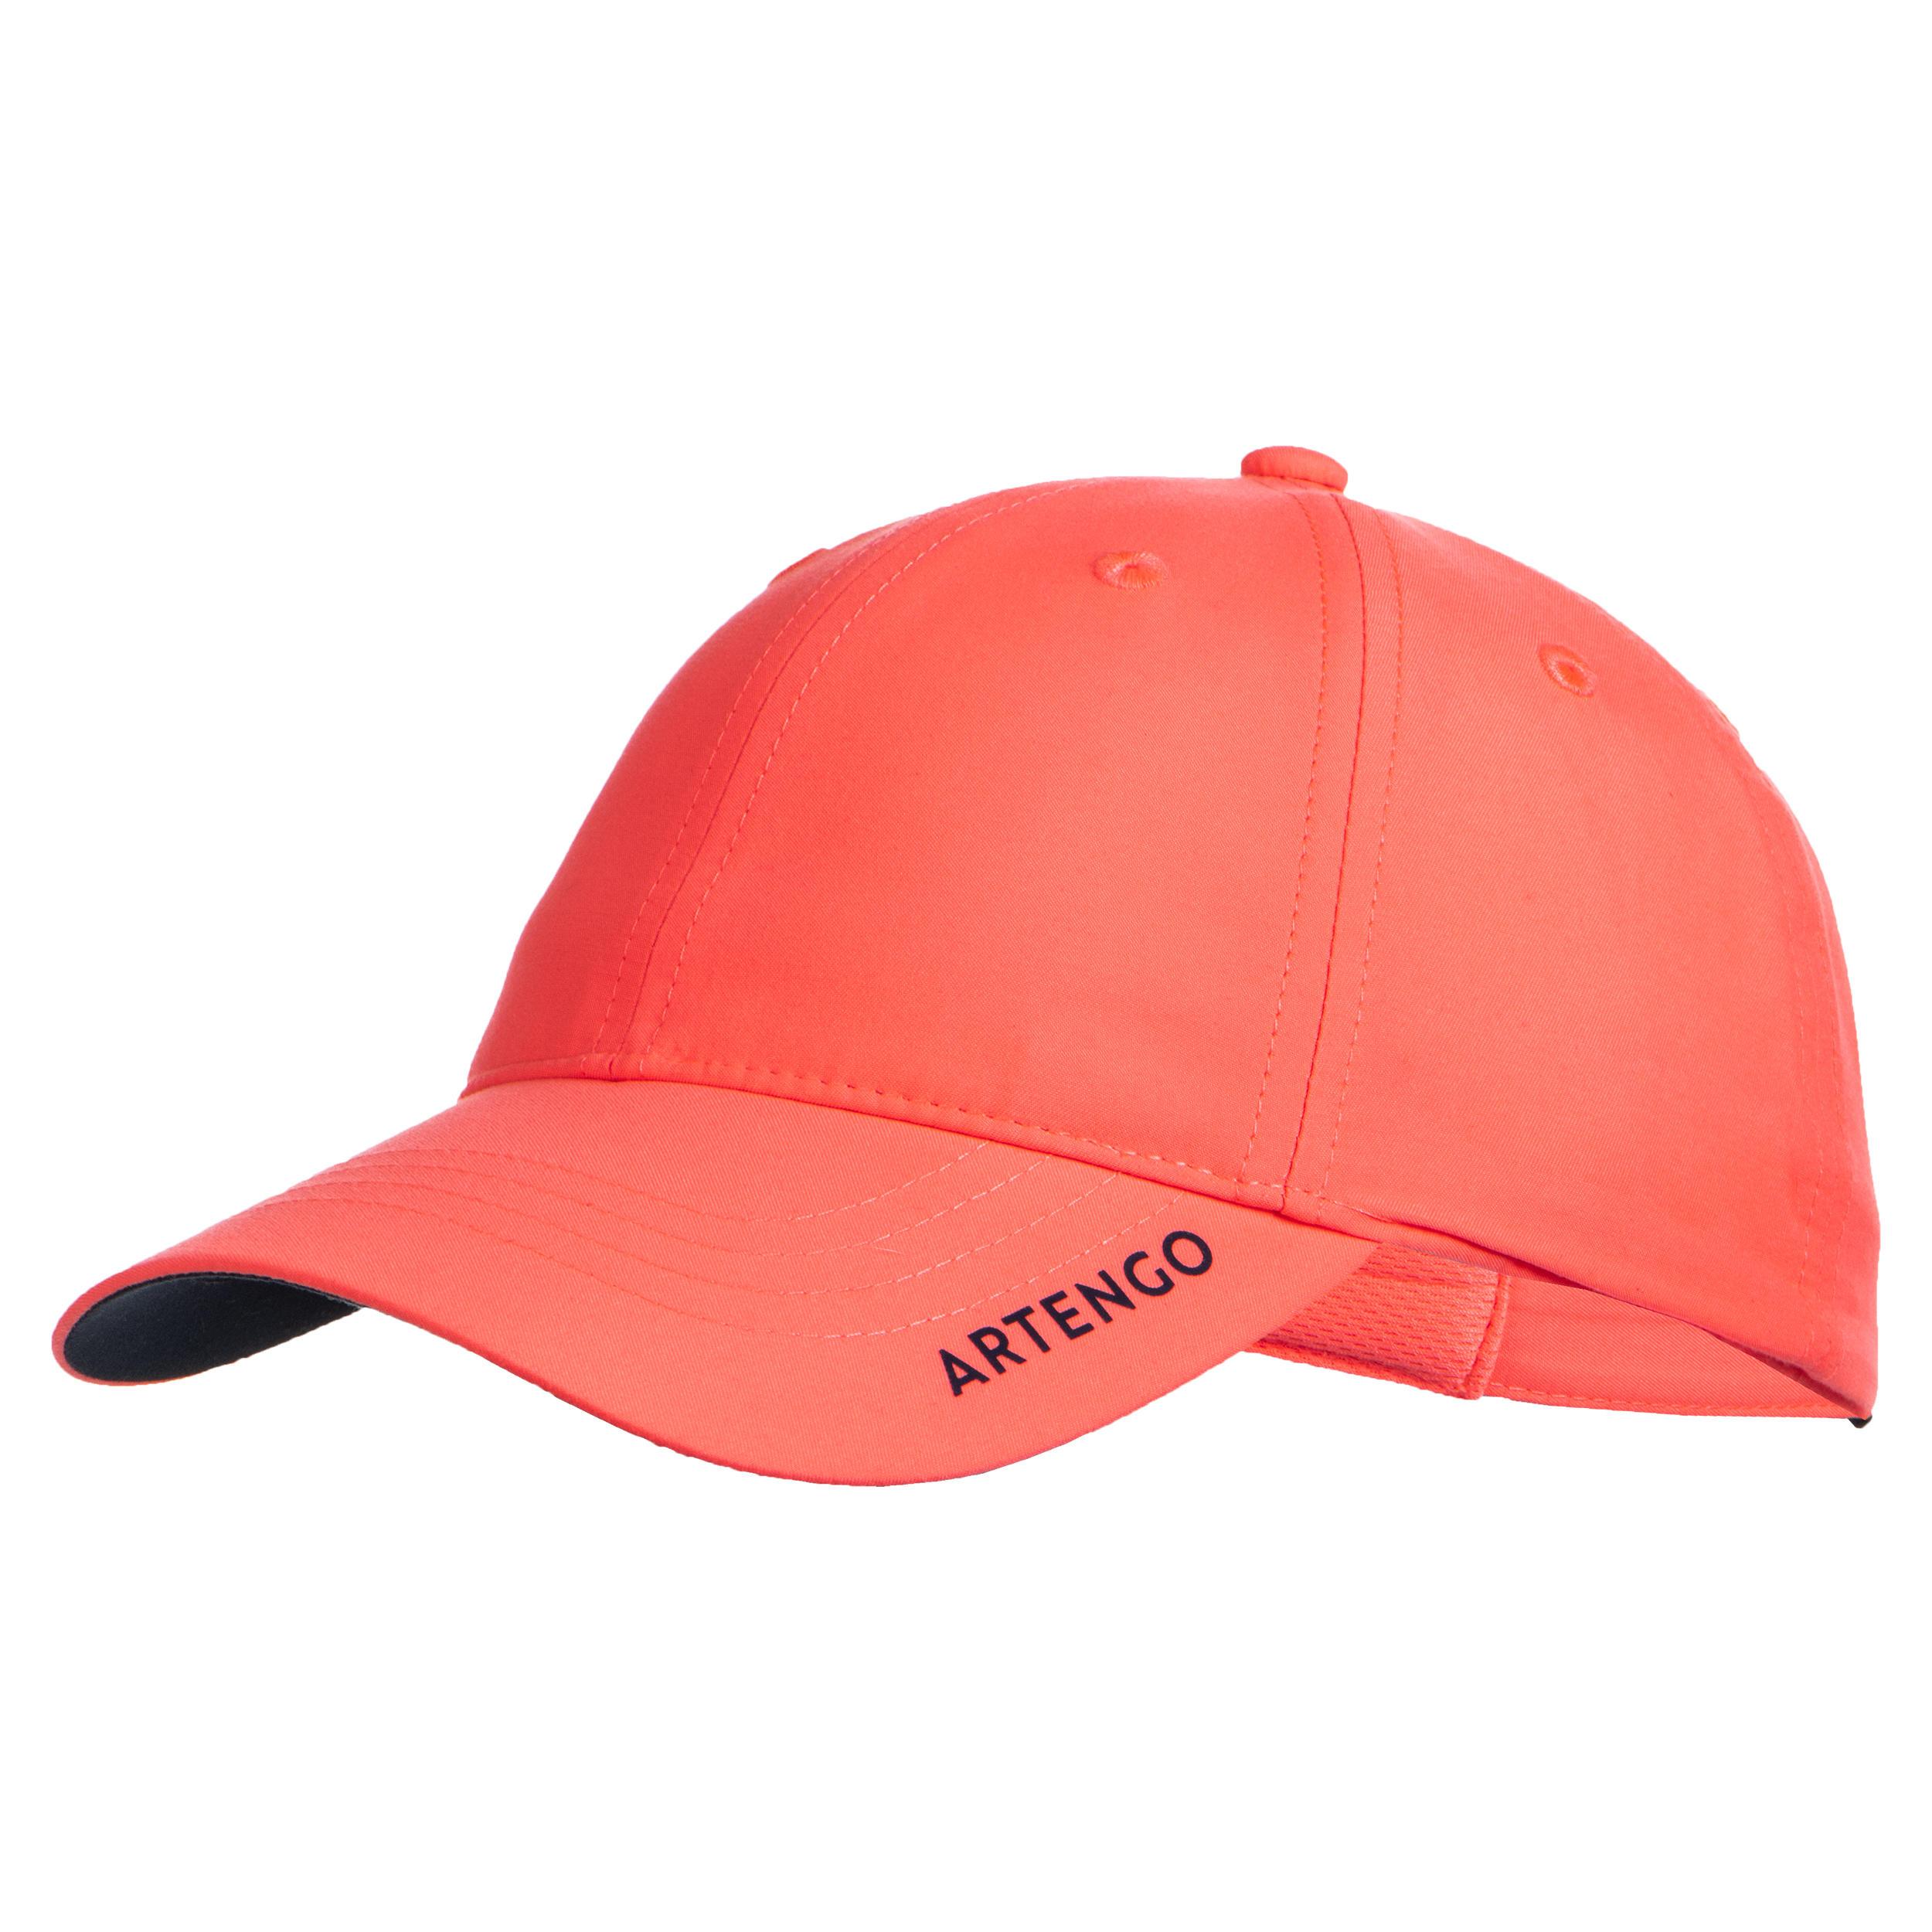 Șapcă Tenis TC500 imagine